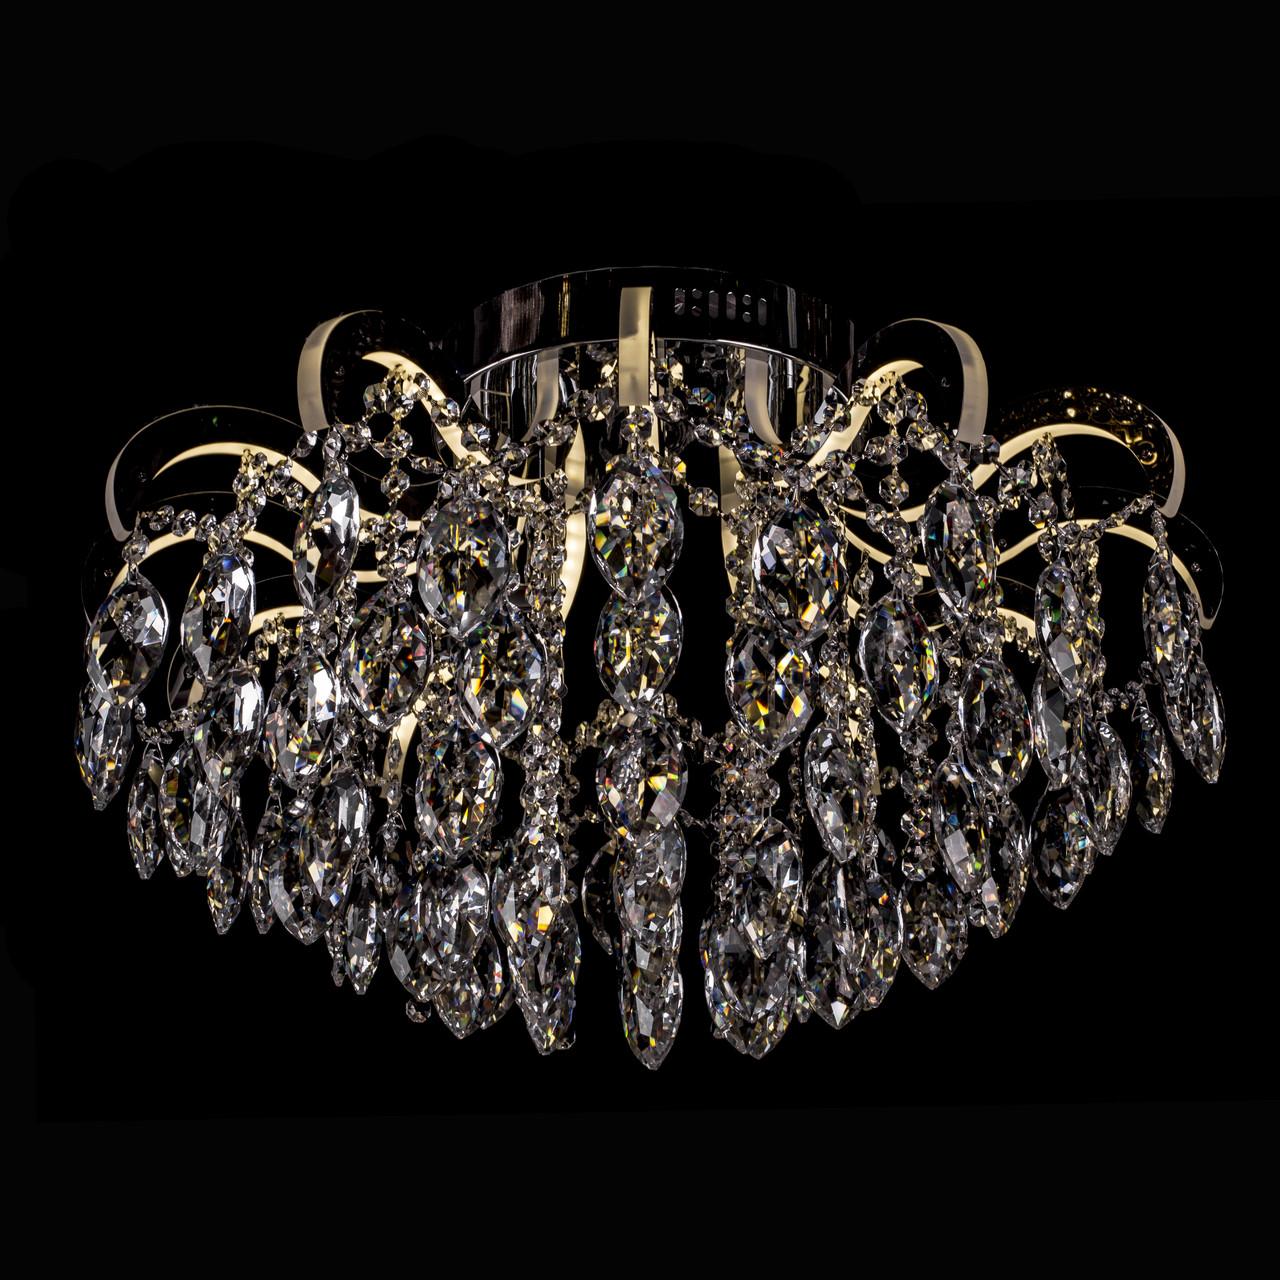 Кришталева люстра зі світними ріжками на 4 лампочки Прометей P5-E1625/4+12